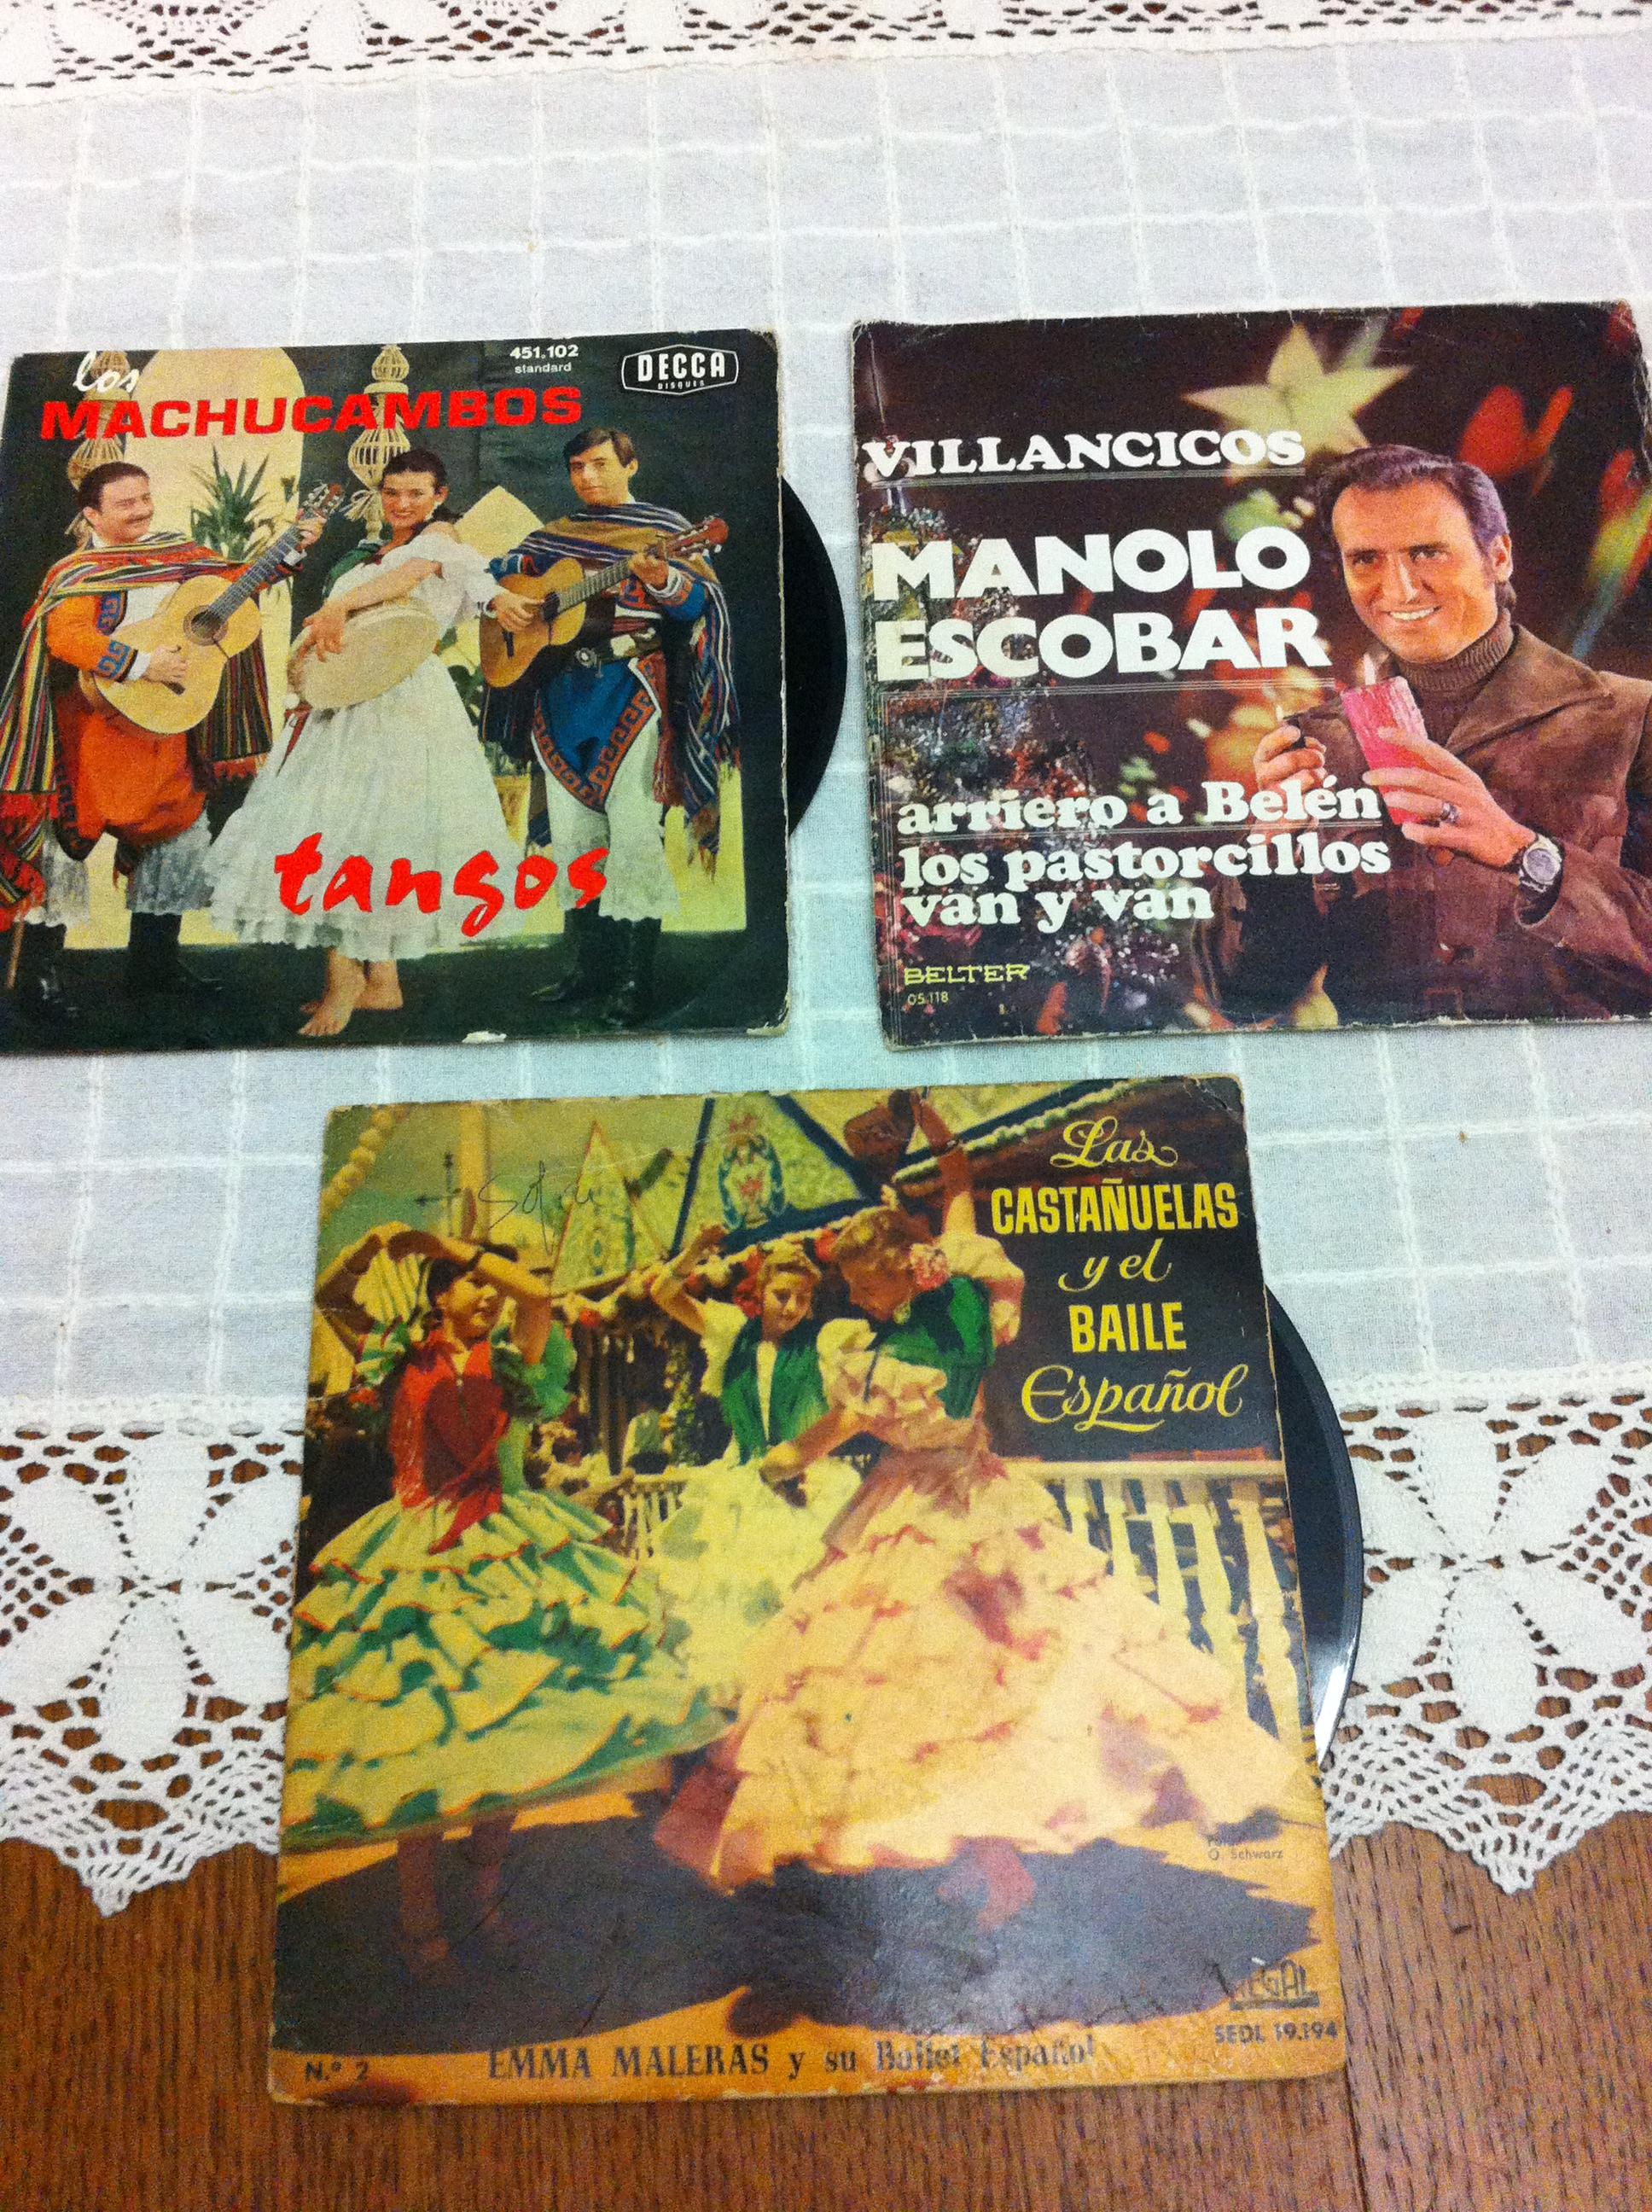 Flamenco cassette et disque vinyle   - Page 4 14022309544214950712010033